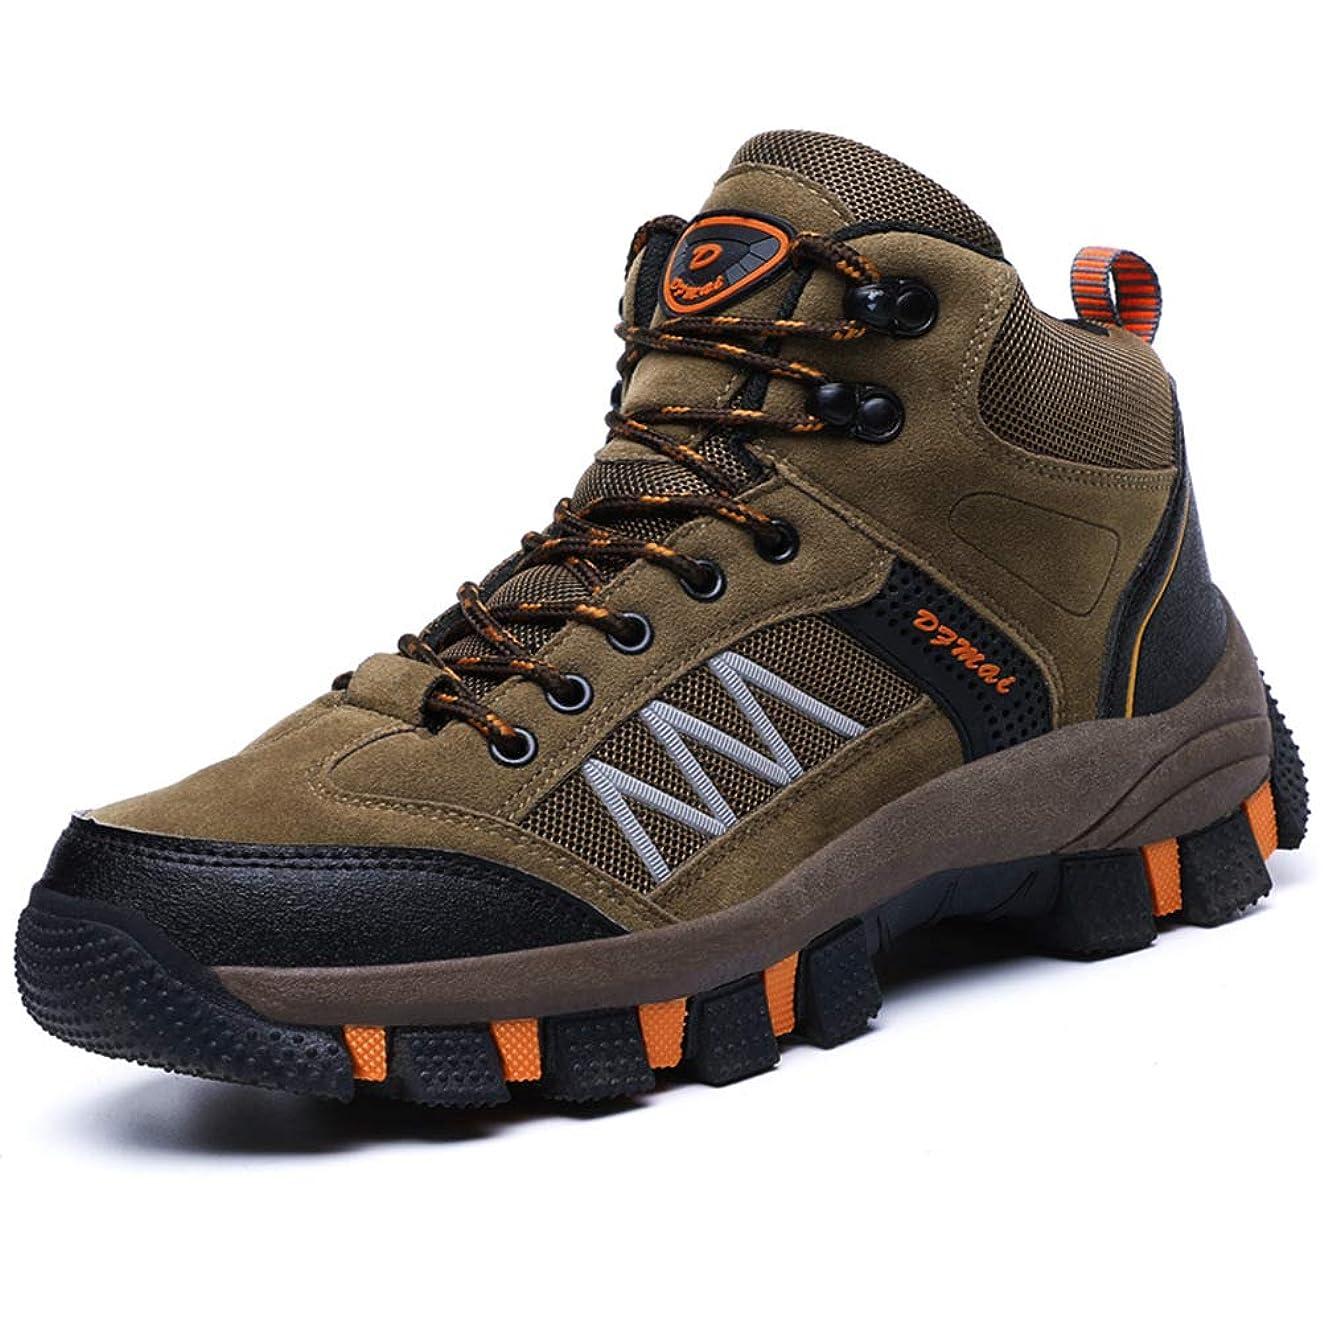 ミリメートル体章[LoZoDo] ハイキングシューズ メンズ 防水 防滑 トレッキングシューズ 大きいサイズ ハイカット アウトドア シューズ 通気性 スエード 耐磨耗 登山靴 レディース